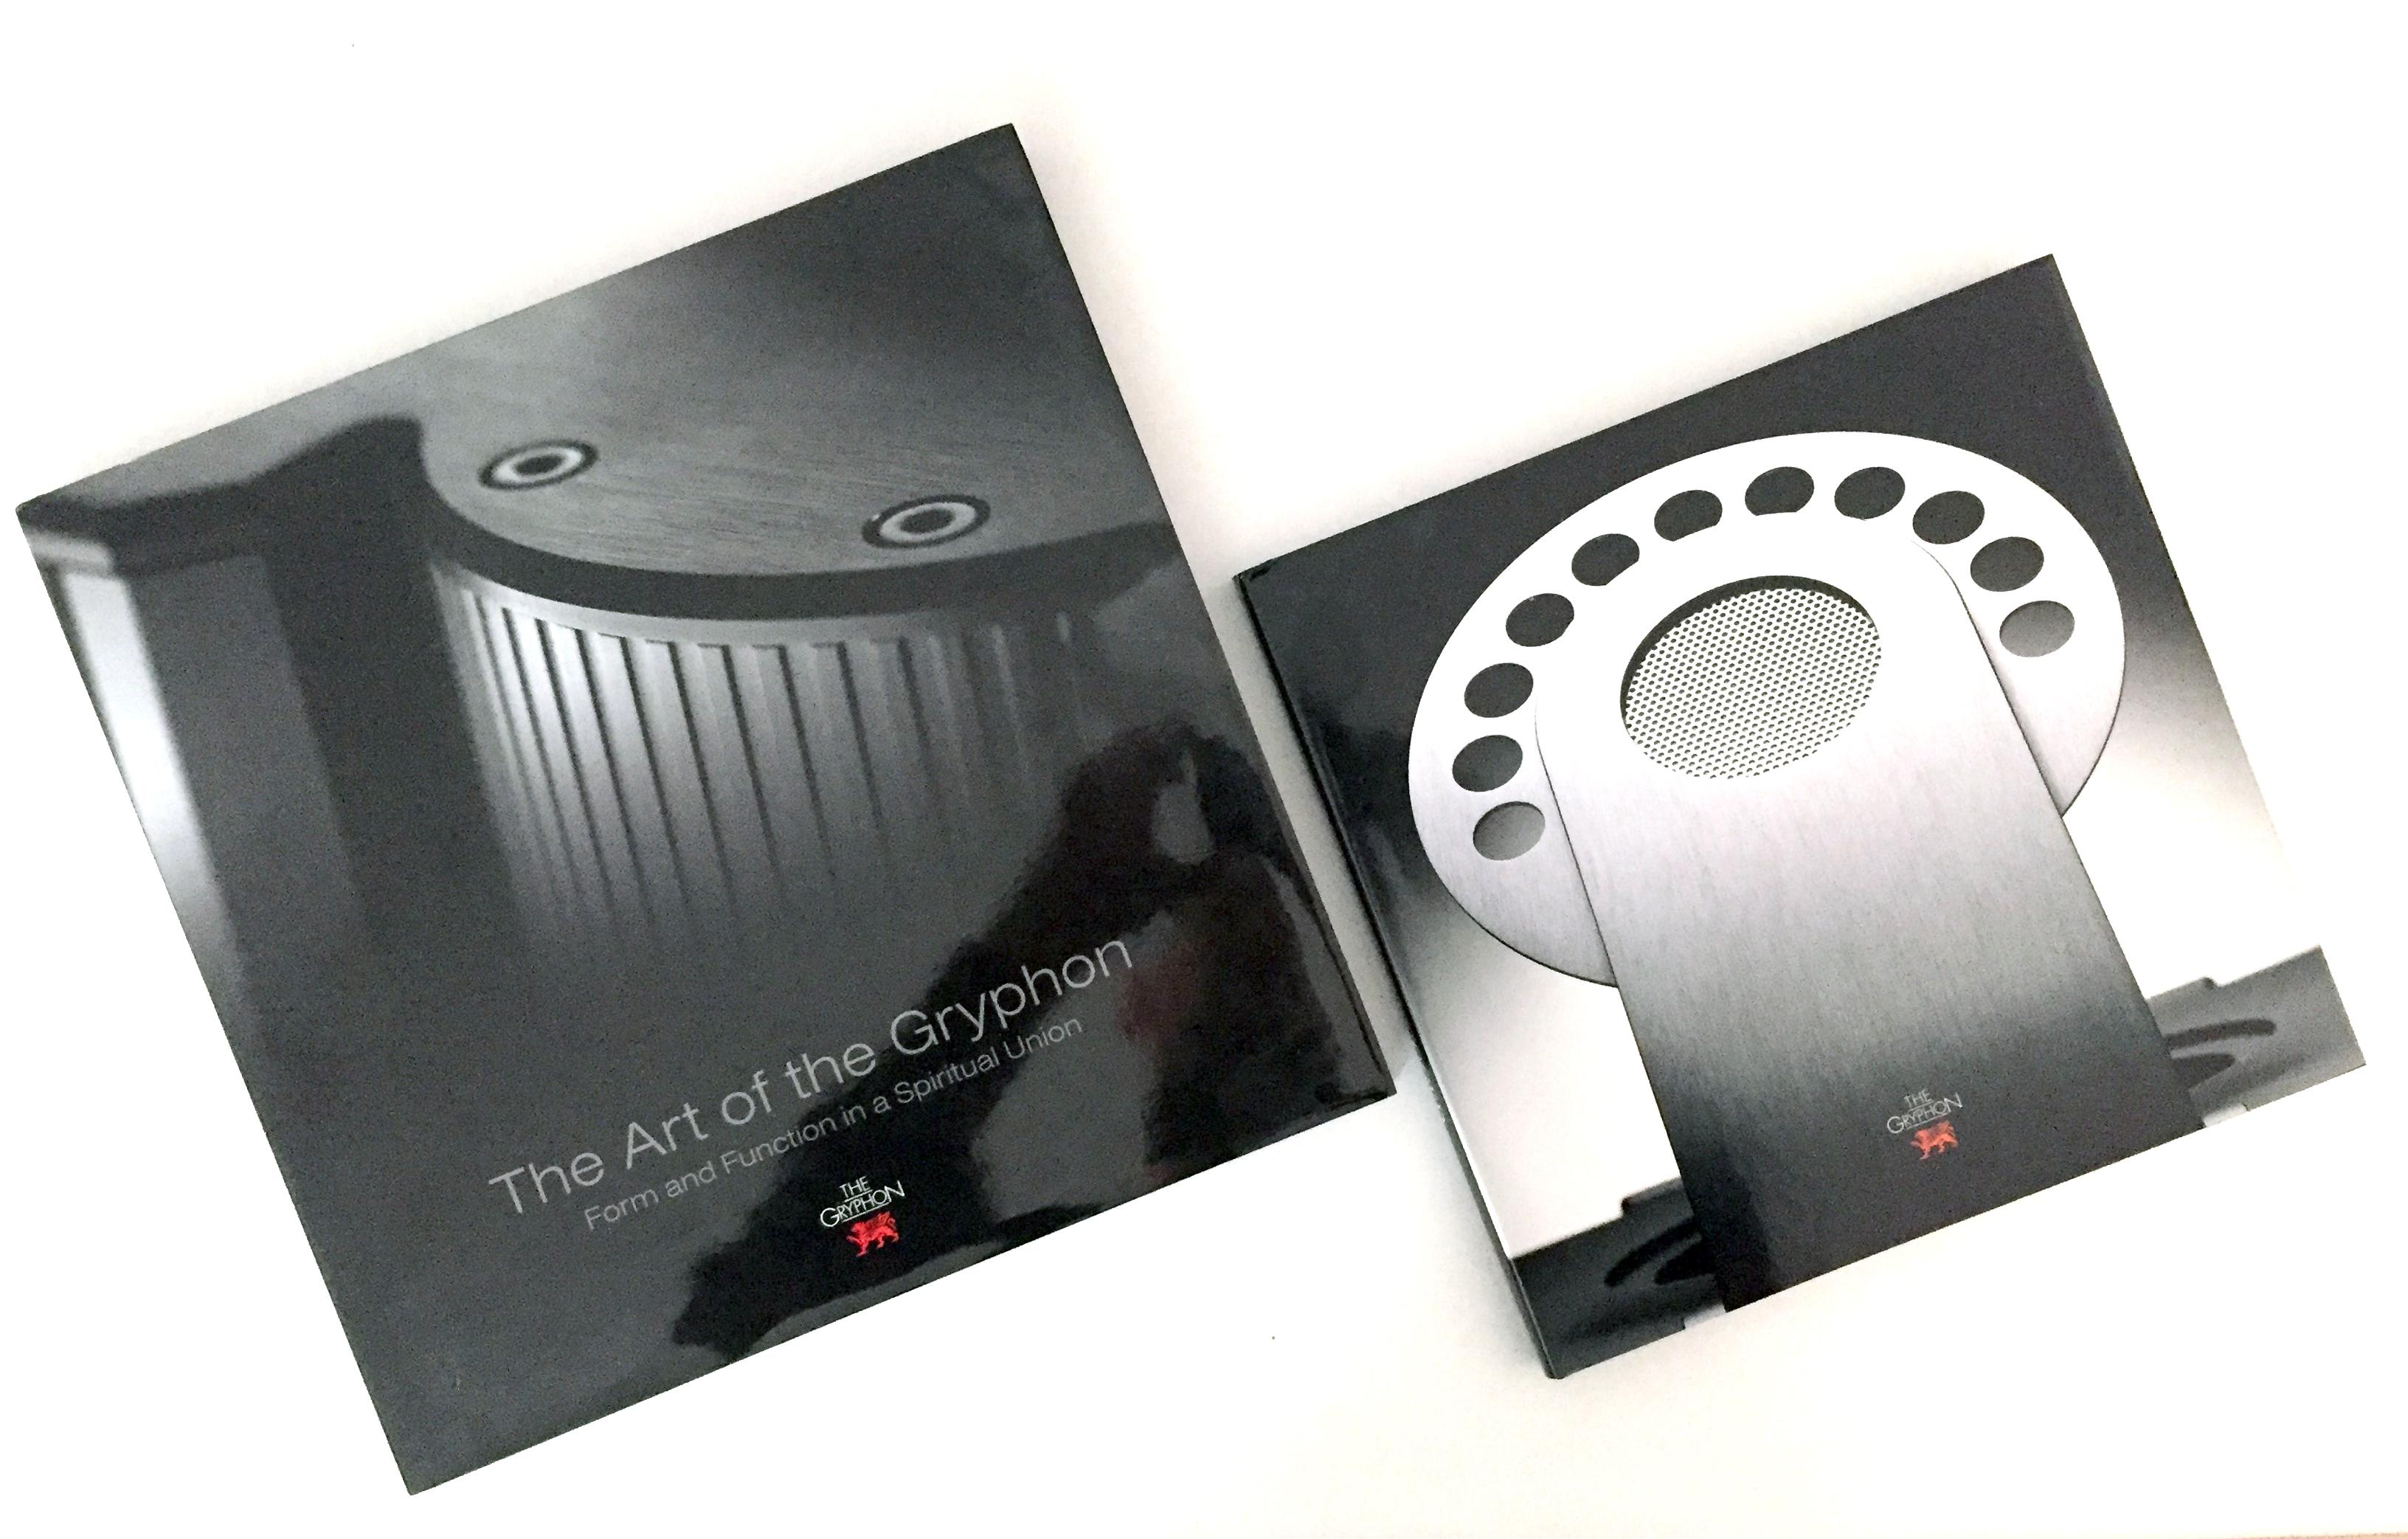 Un dono molto gradito, le monografie aziendali Gryphon, stile da vendere.